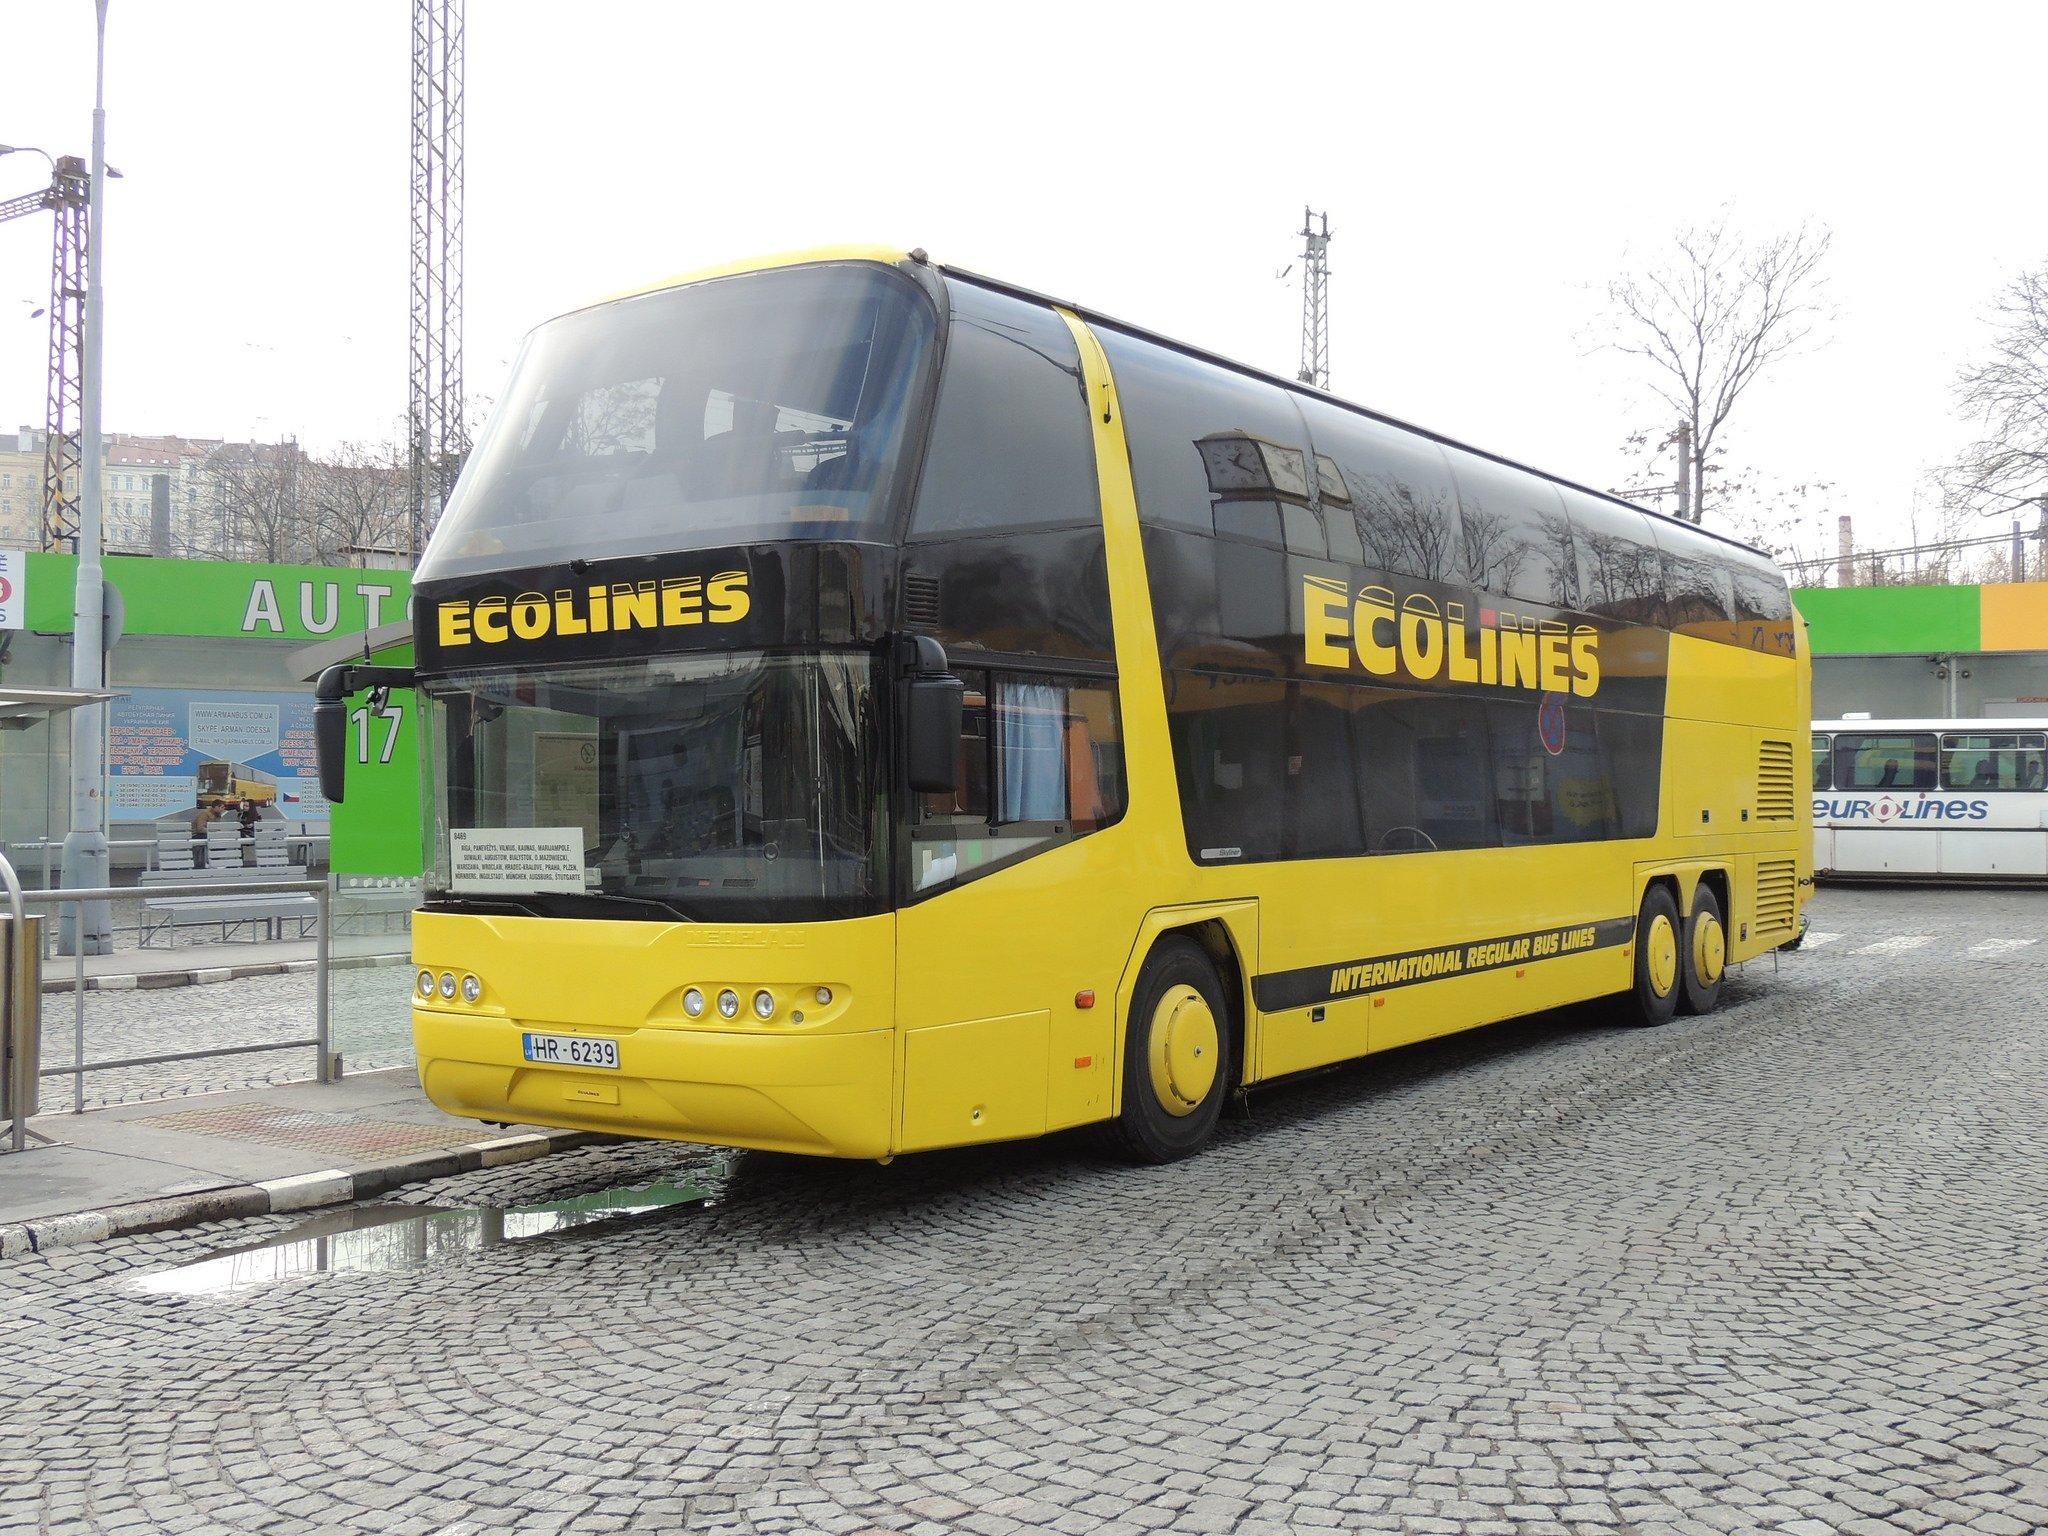 Vilniaus miesto autobusu fotogalerija 55